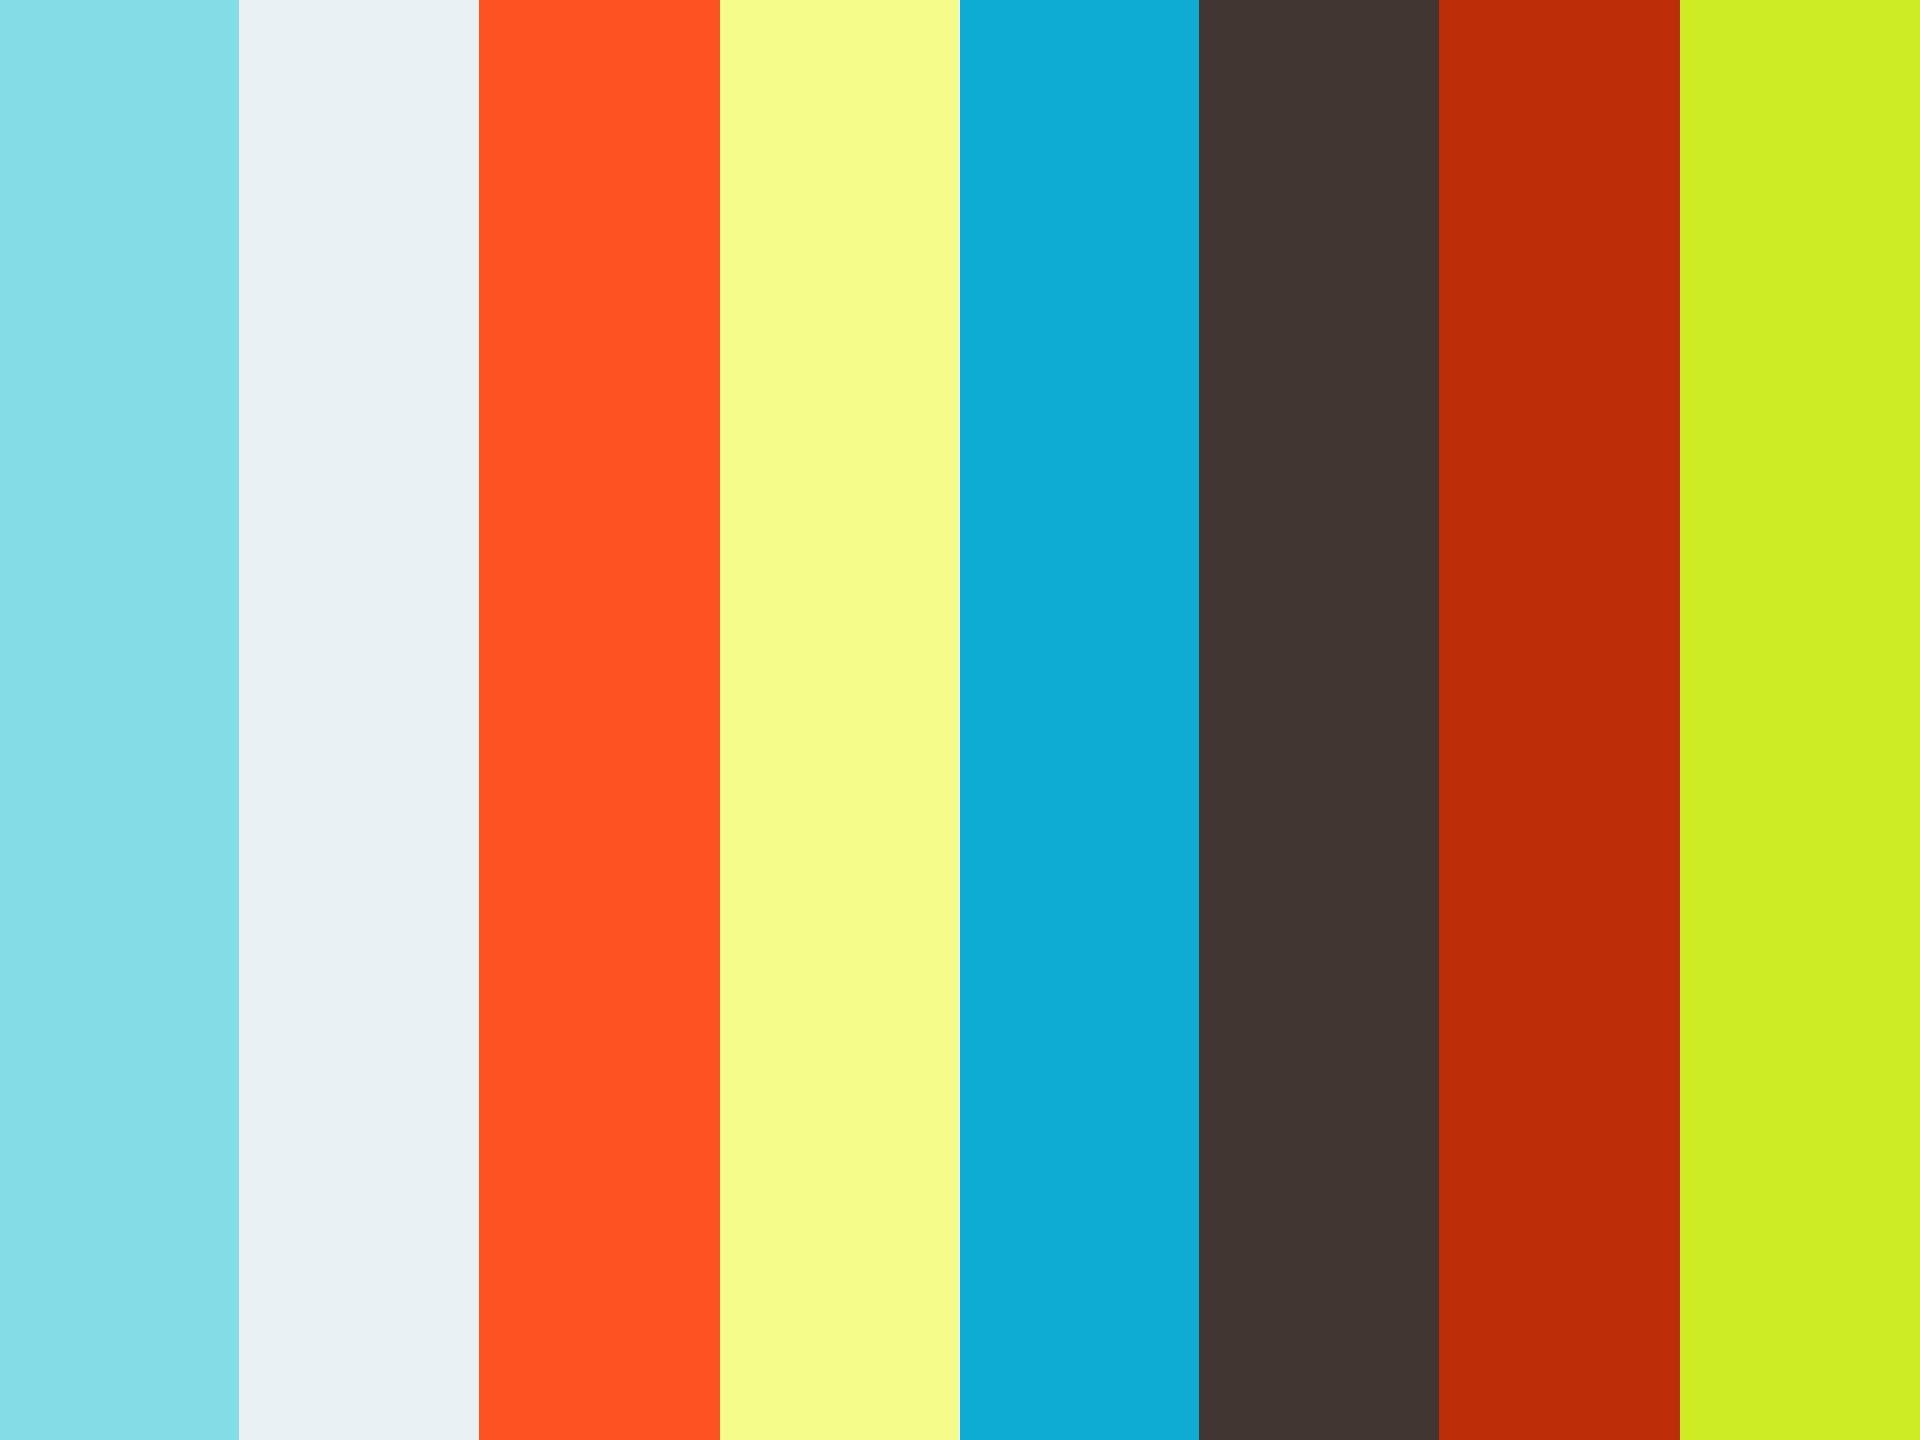 【LIVE・プレミアム無料】「入門!歯科臨床における写真撮影 〜写真とカメラの基礎知識〜」松田謙一先生